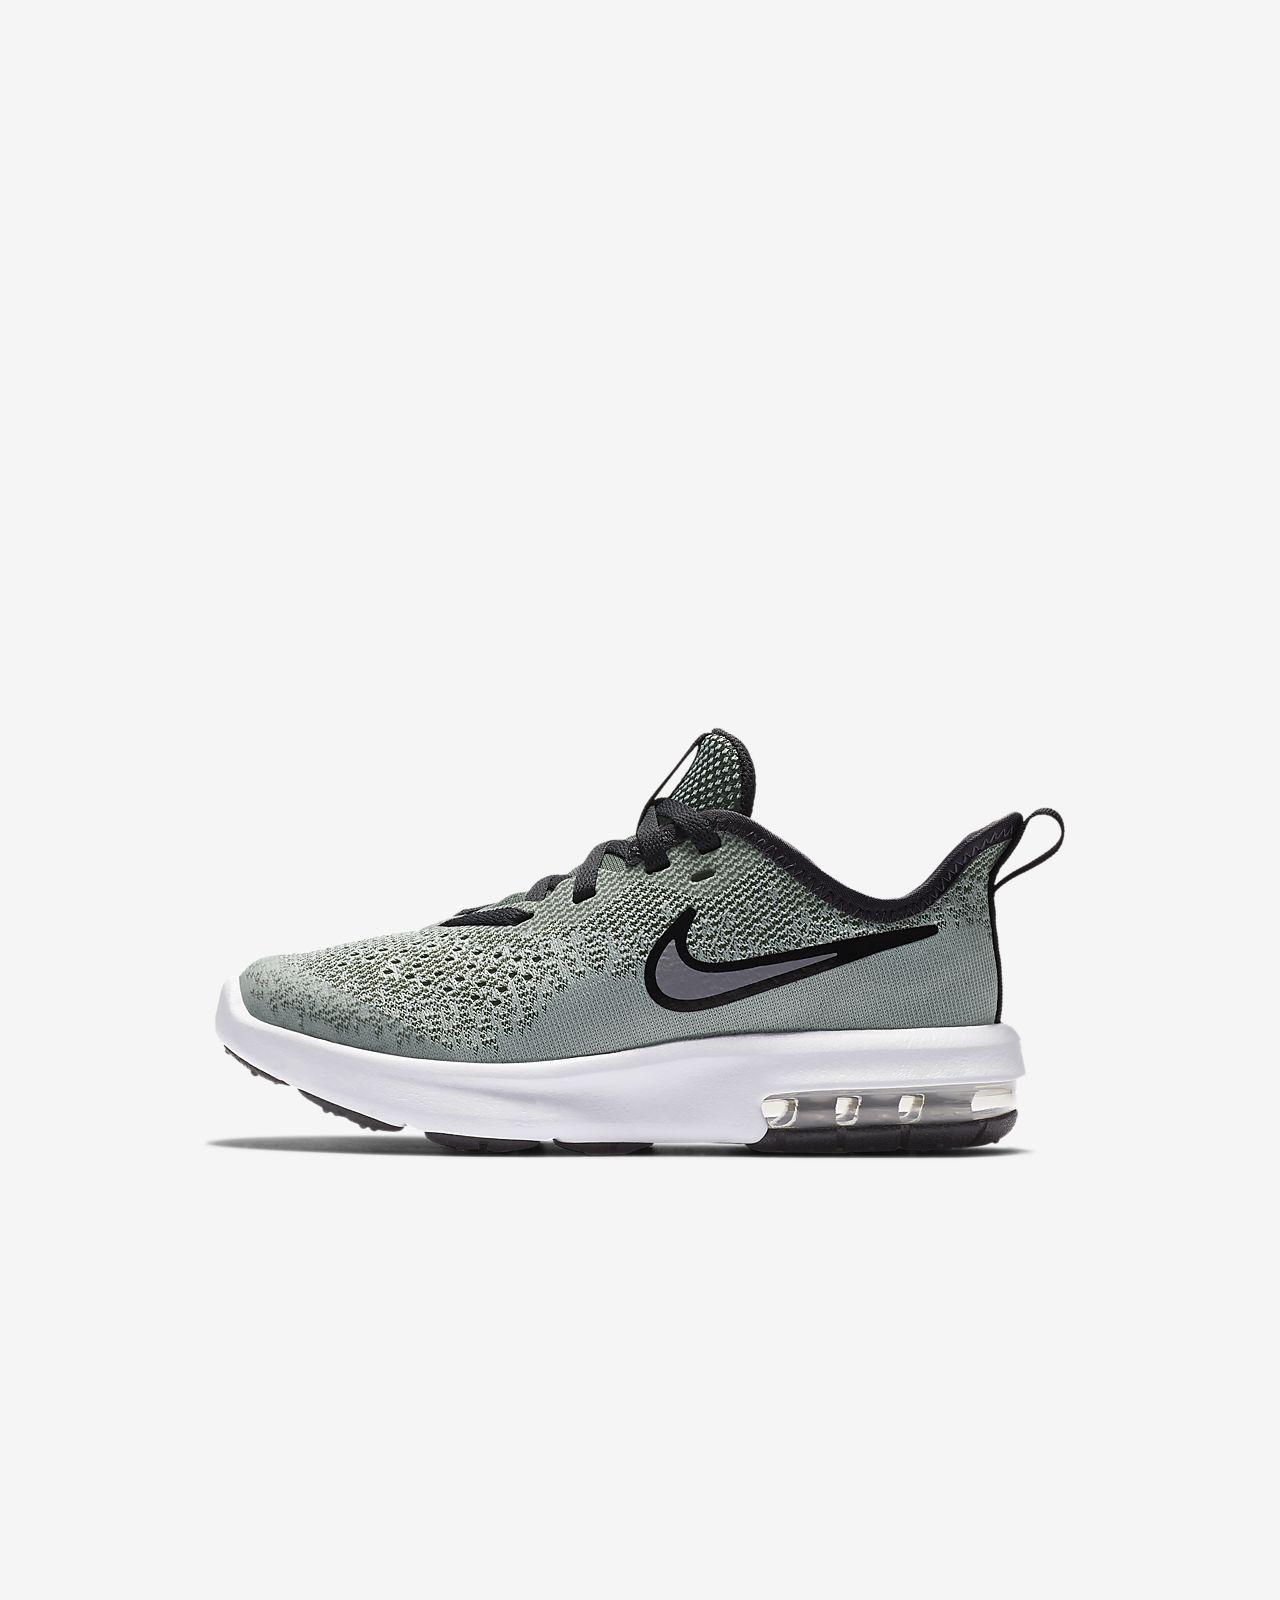 Nike Air Max Sequent 4 Schuh für jüngere Kinder